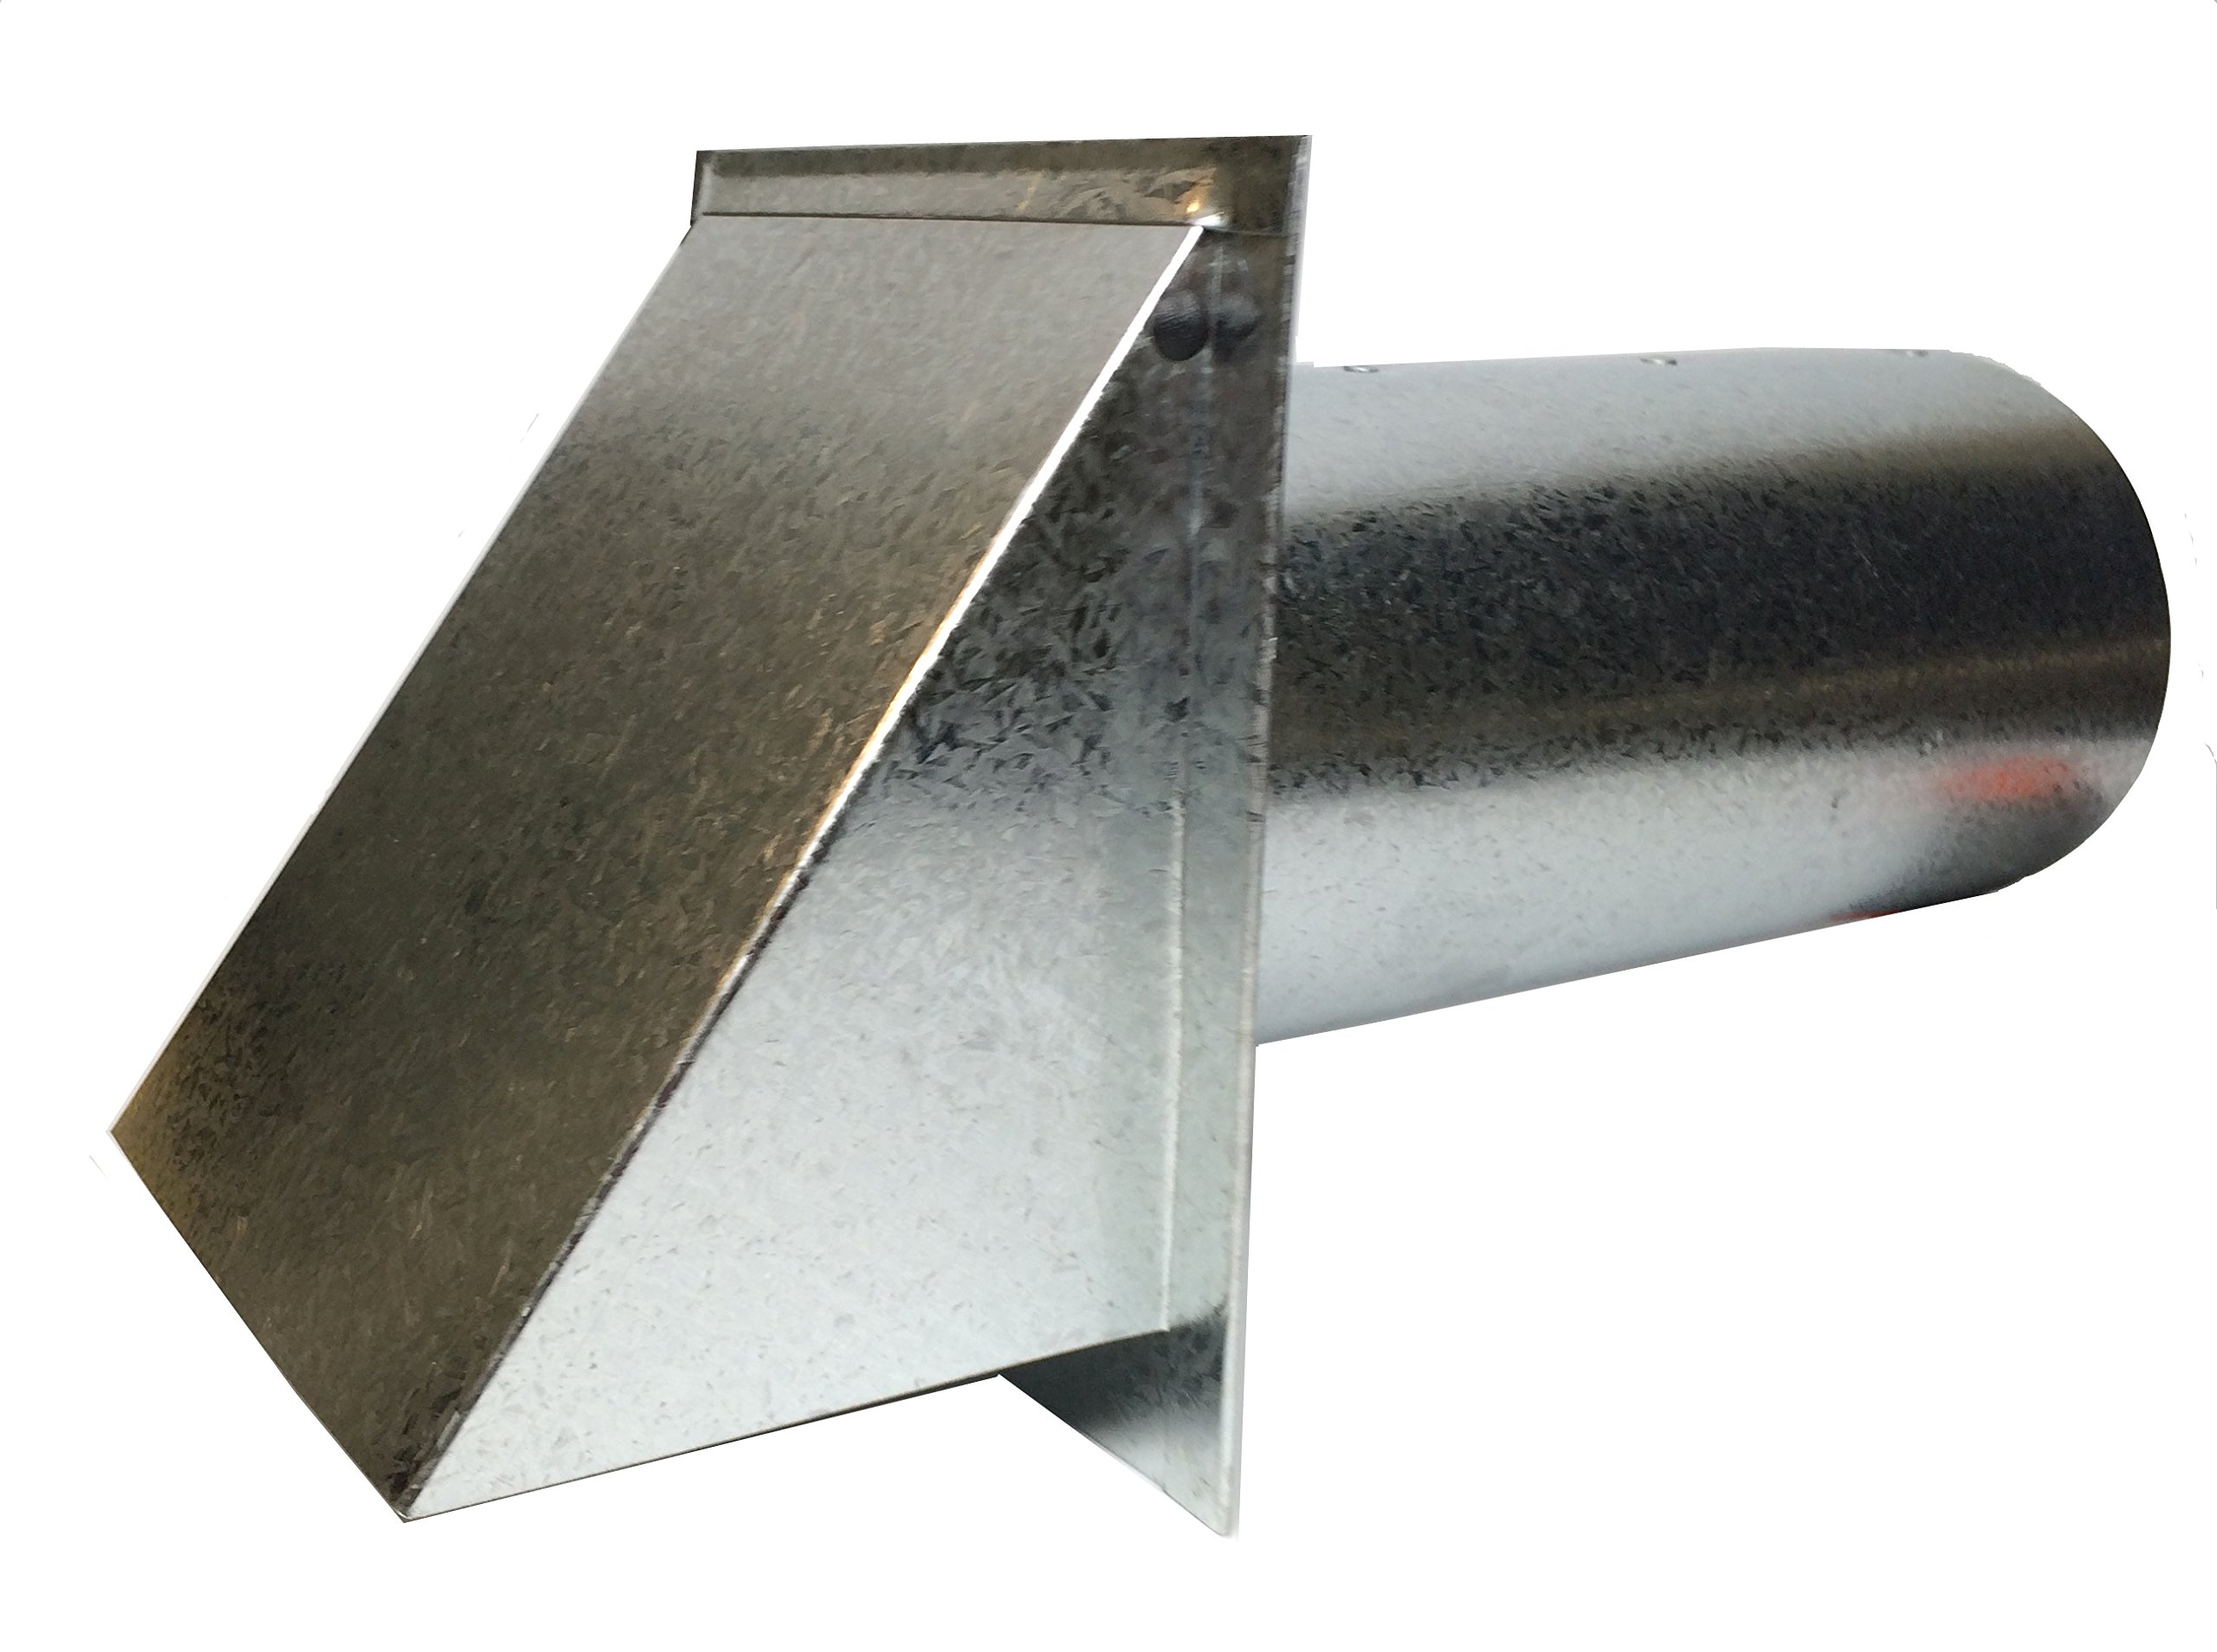 Deluxe Dryer Vent, Steel with Magnetic Damper (Steel)